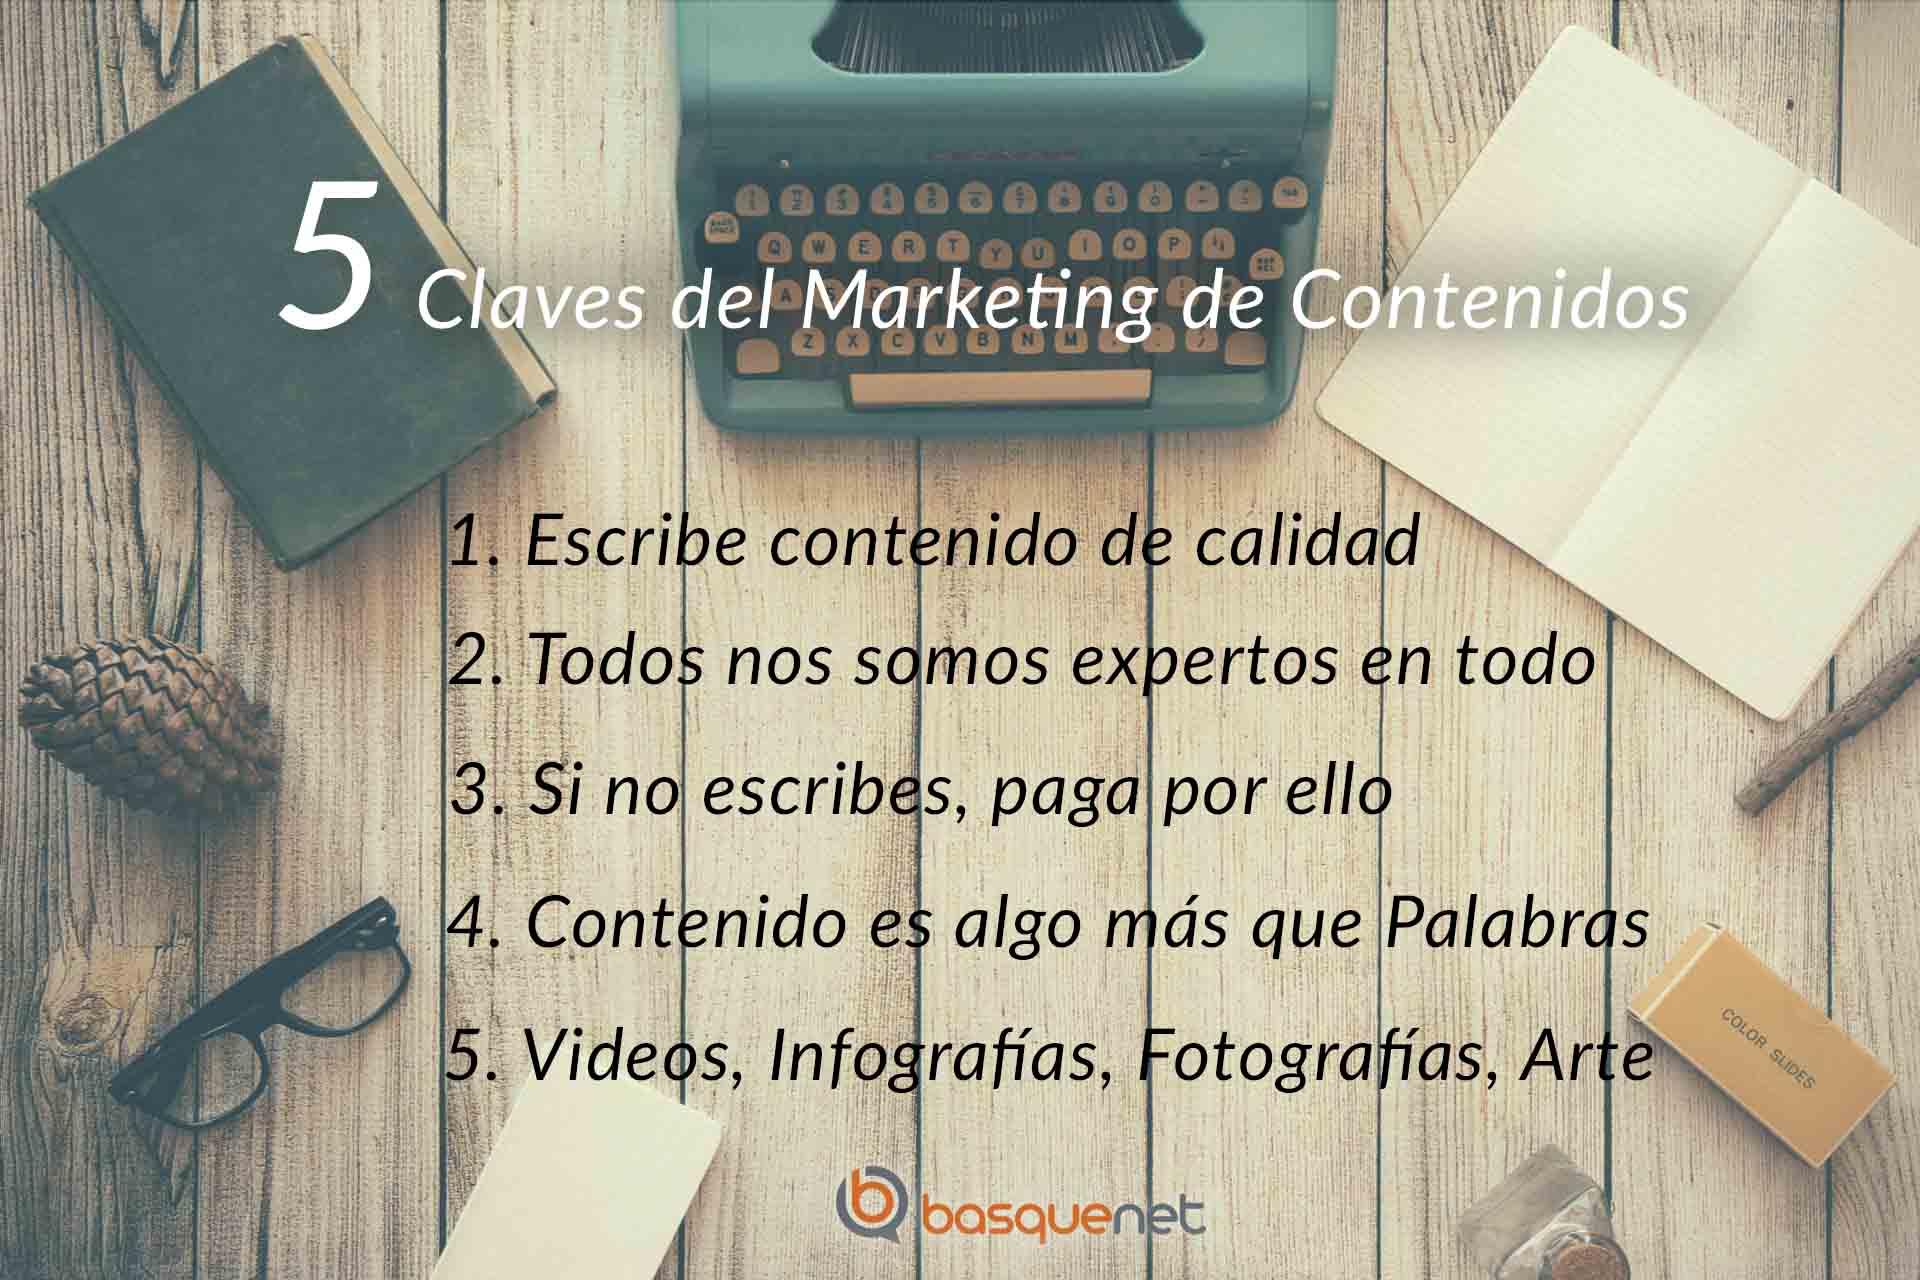 5 claves del Marketing de Contenidos